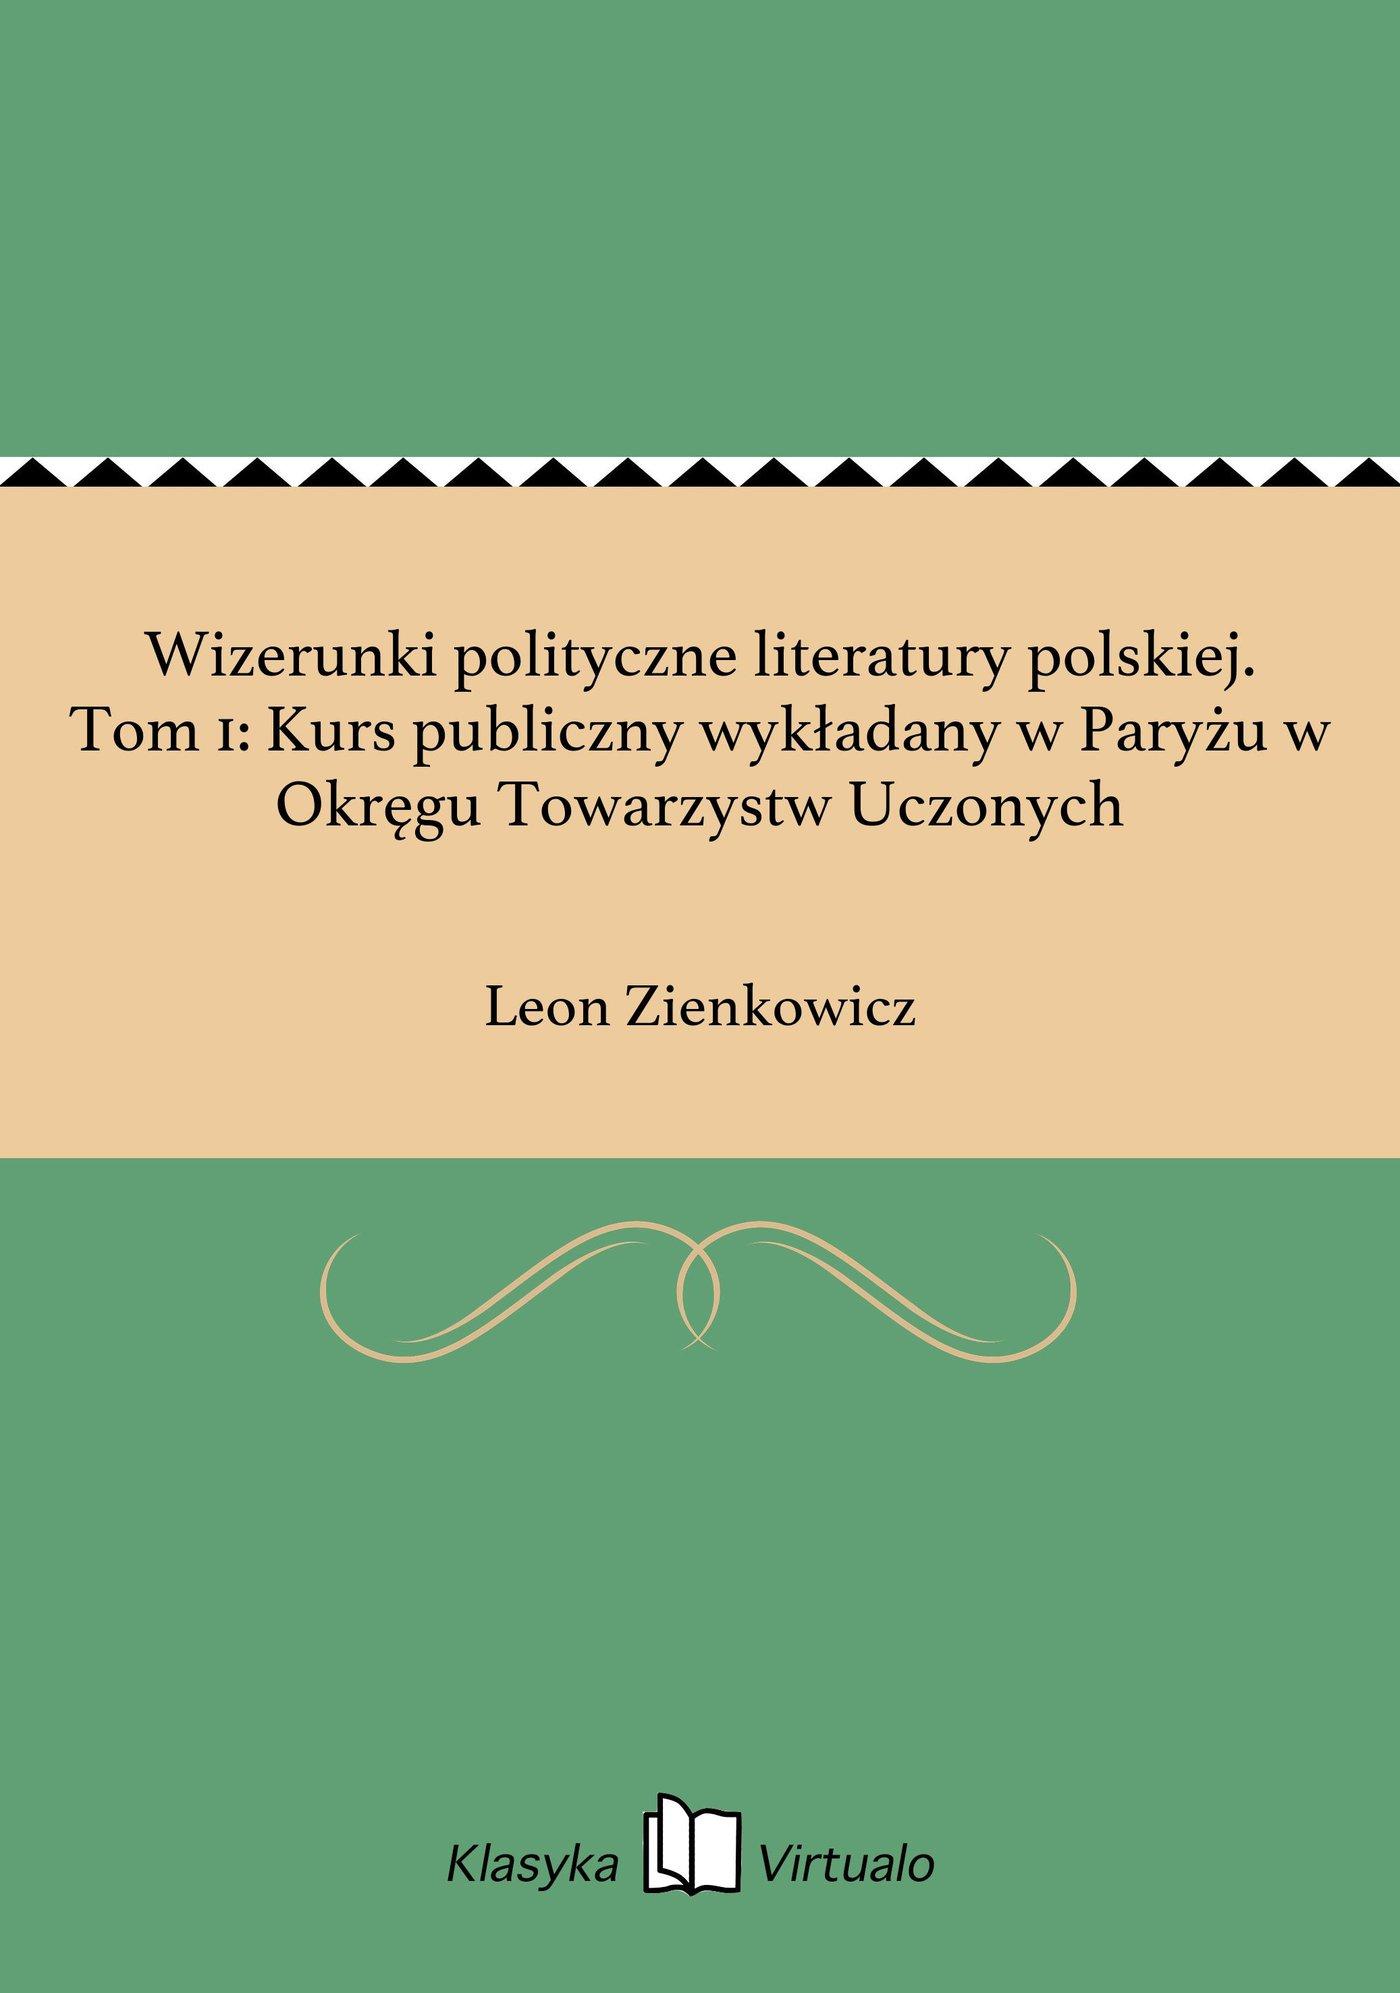 Wizerunki polityczne literatury polskiej. Tom 1: Kurs publiczny wykładany w Paryżu w Okręgu Towarzystw Uczonych - Ebook (Książka EPUB) do pobrania w formacie EPUB